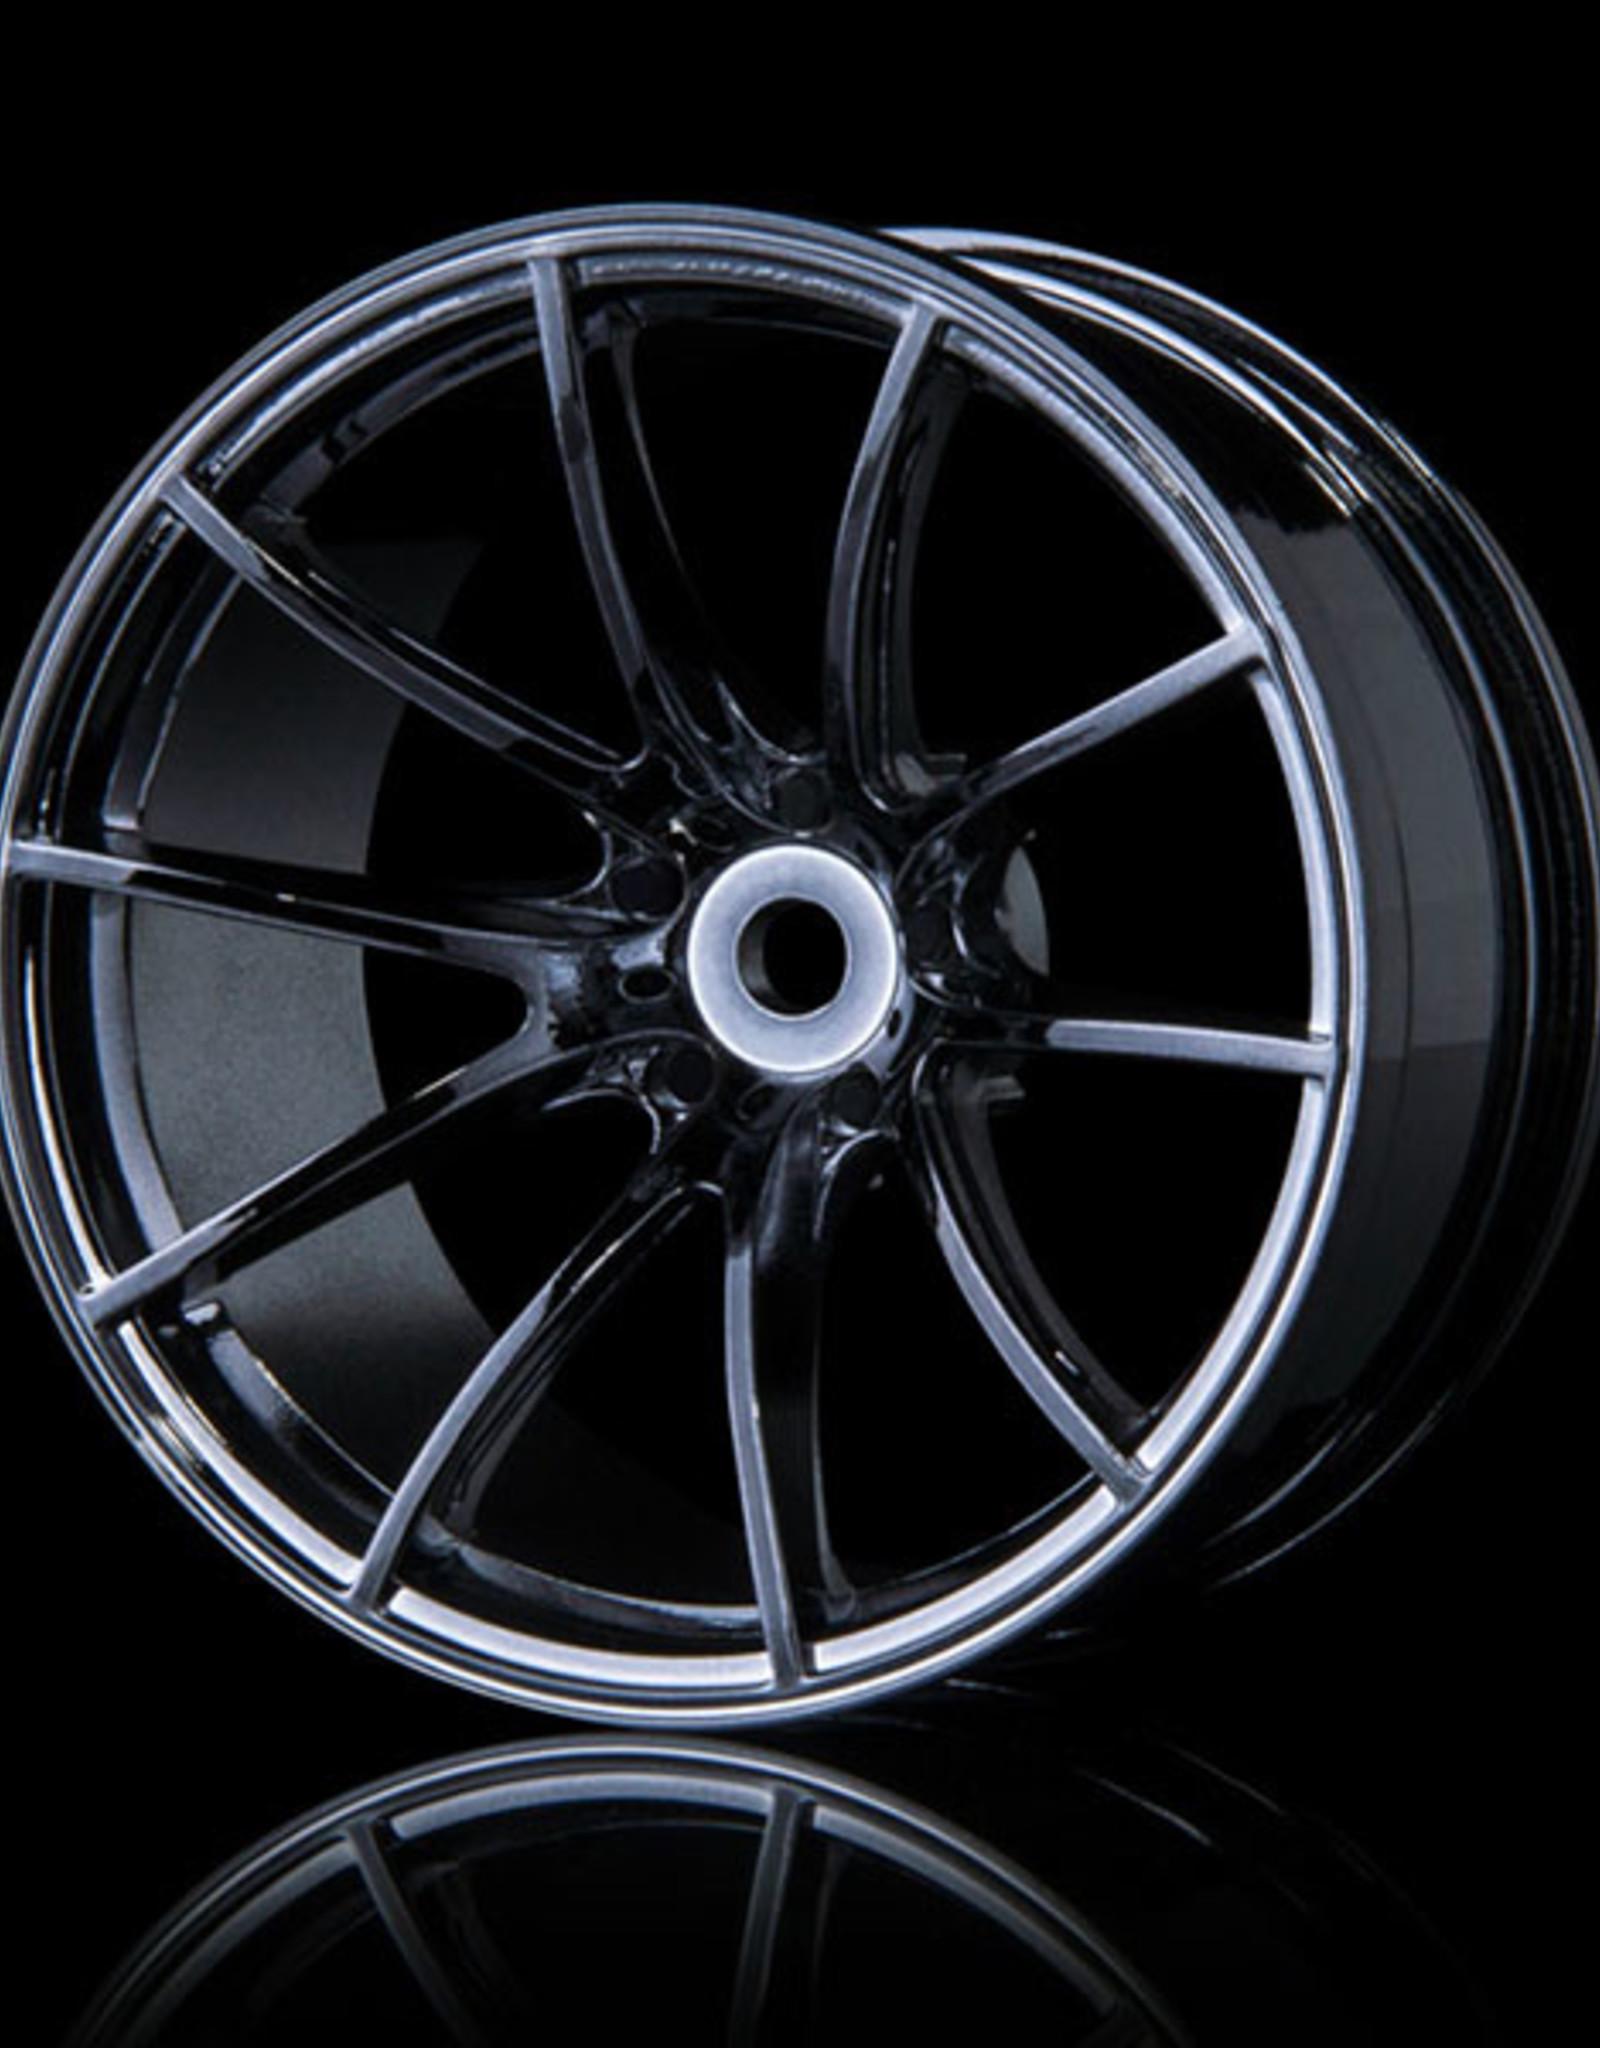 MST G25 Wheel (4) by MST Silver Black 8mm